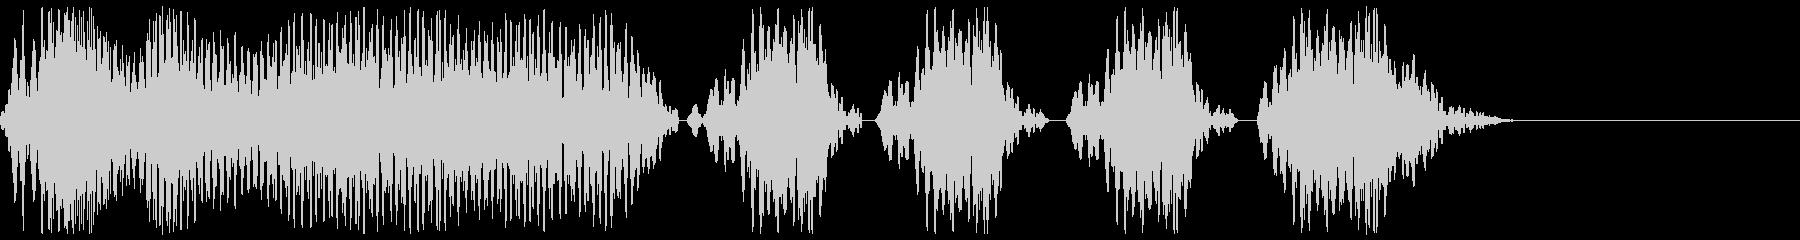 サッカーのホイッスル、警笛(ファウル3)の未再生の波形